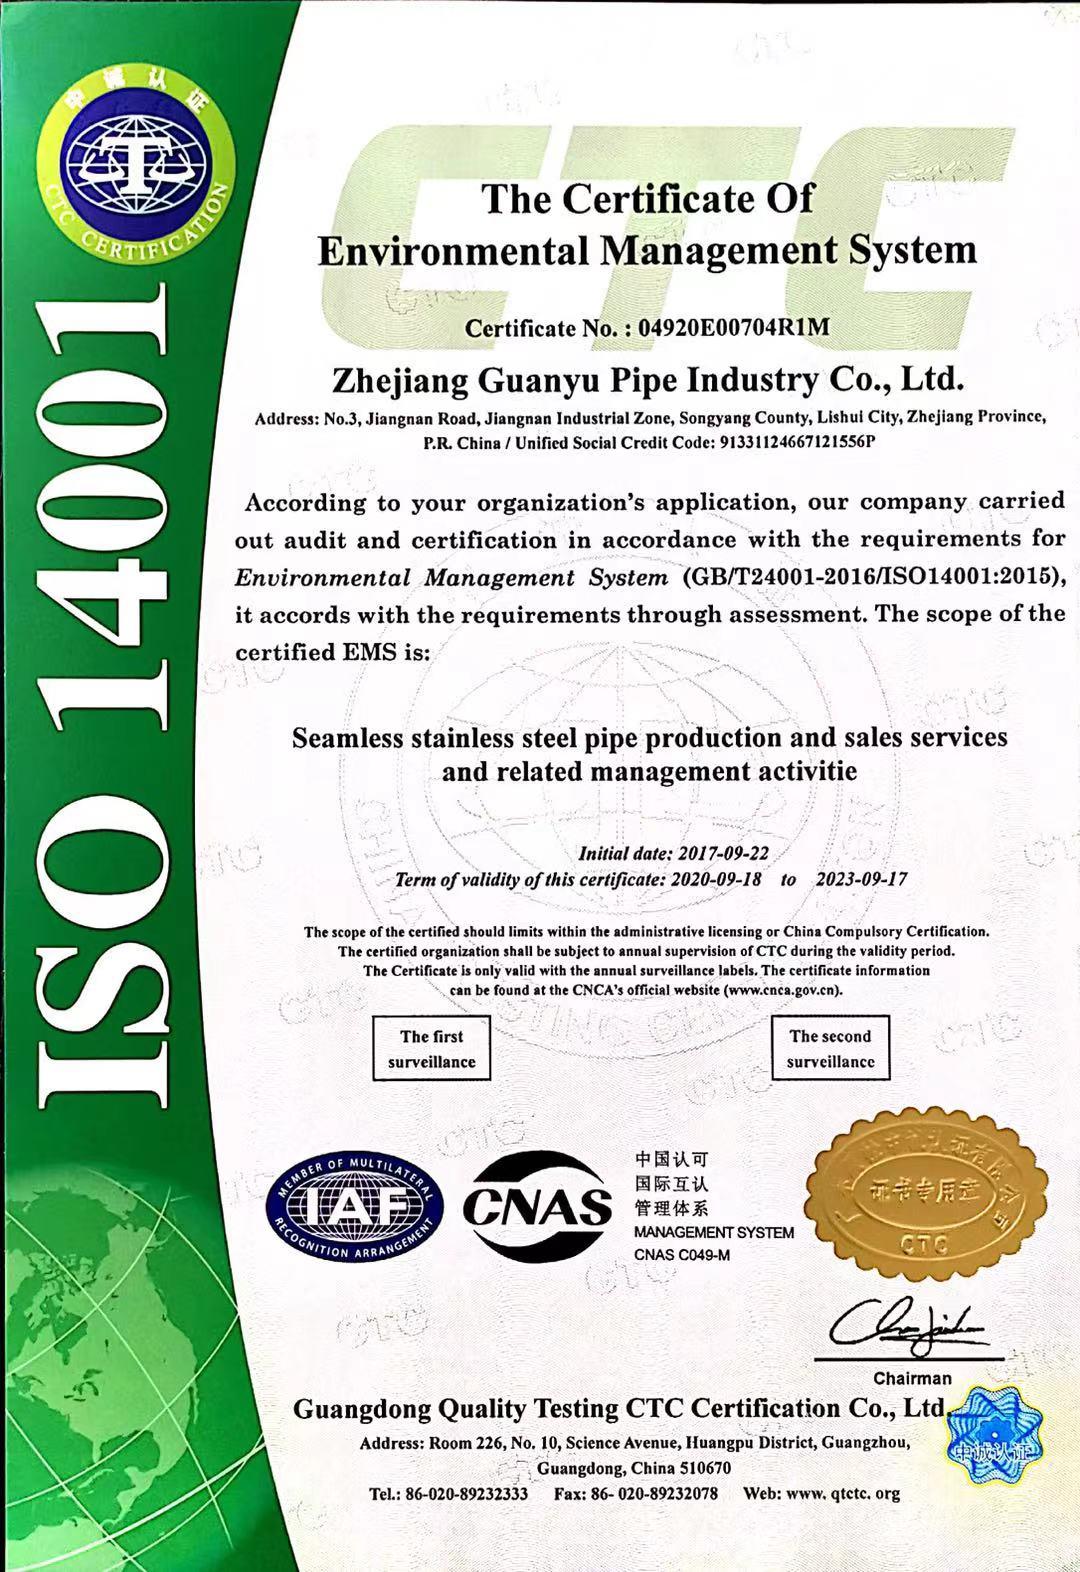 環境證書英文.jpg